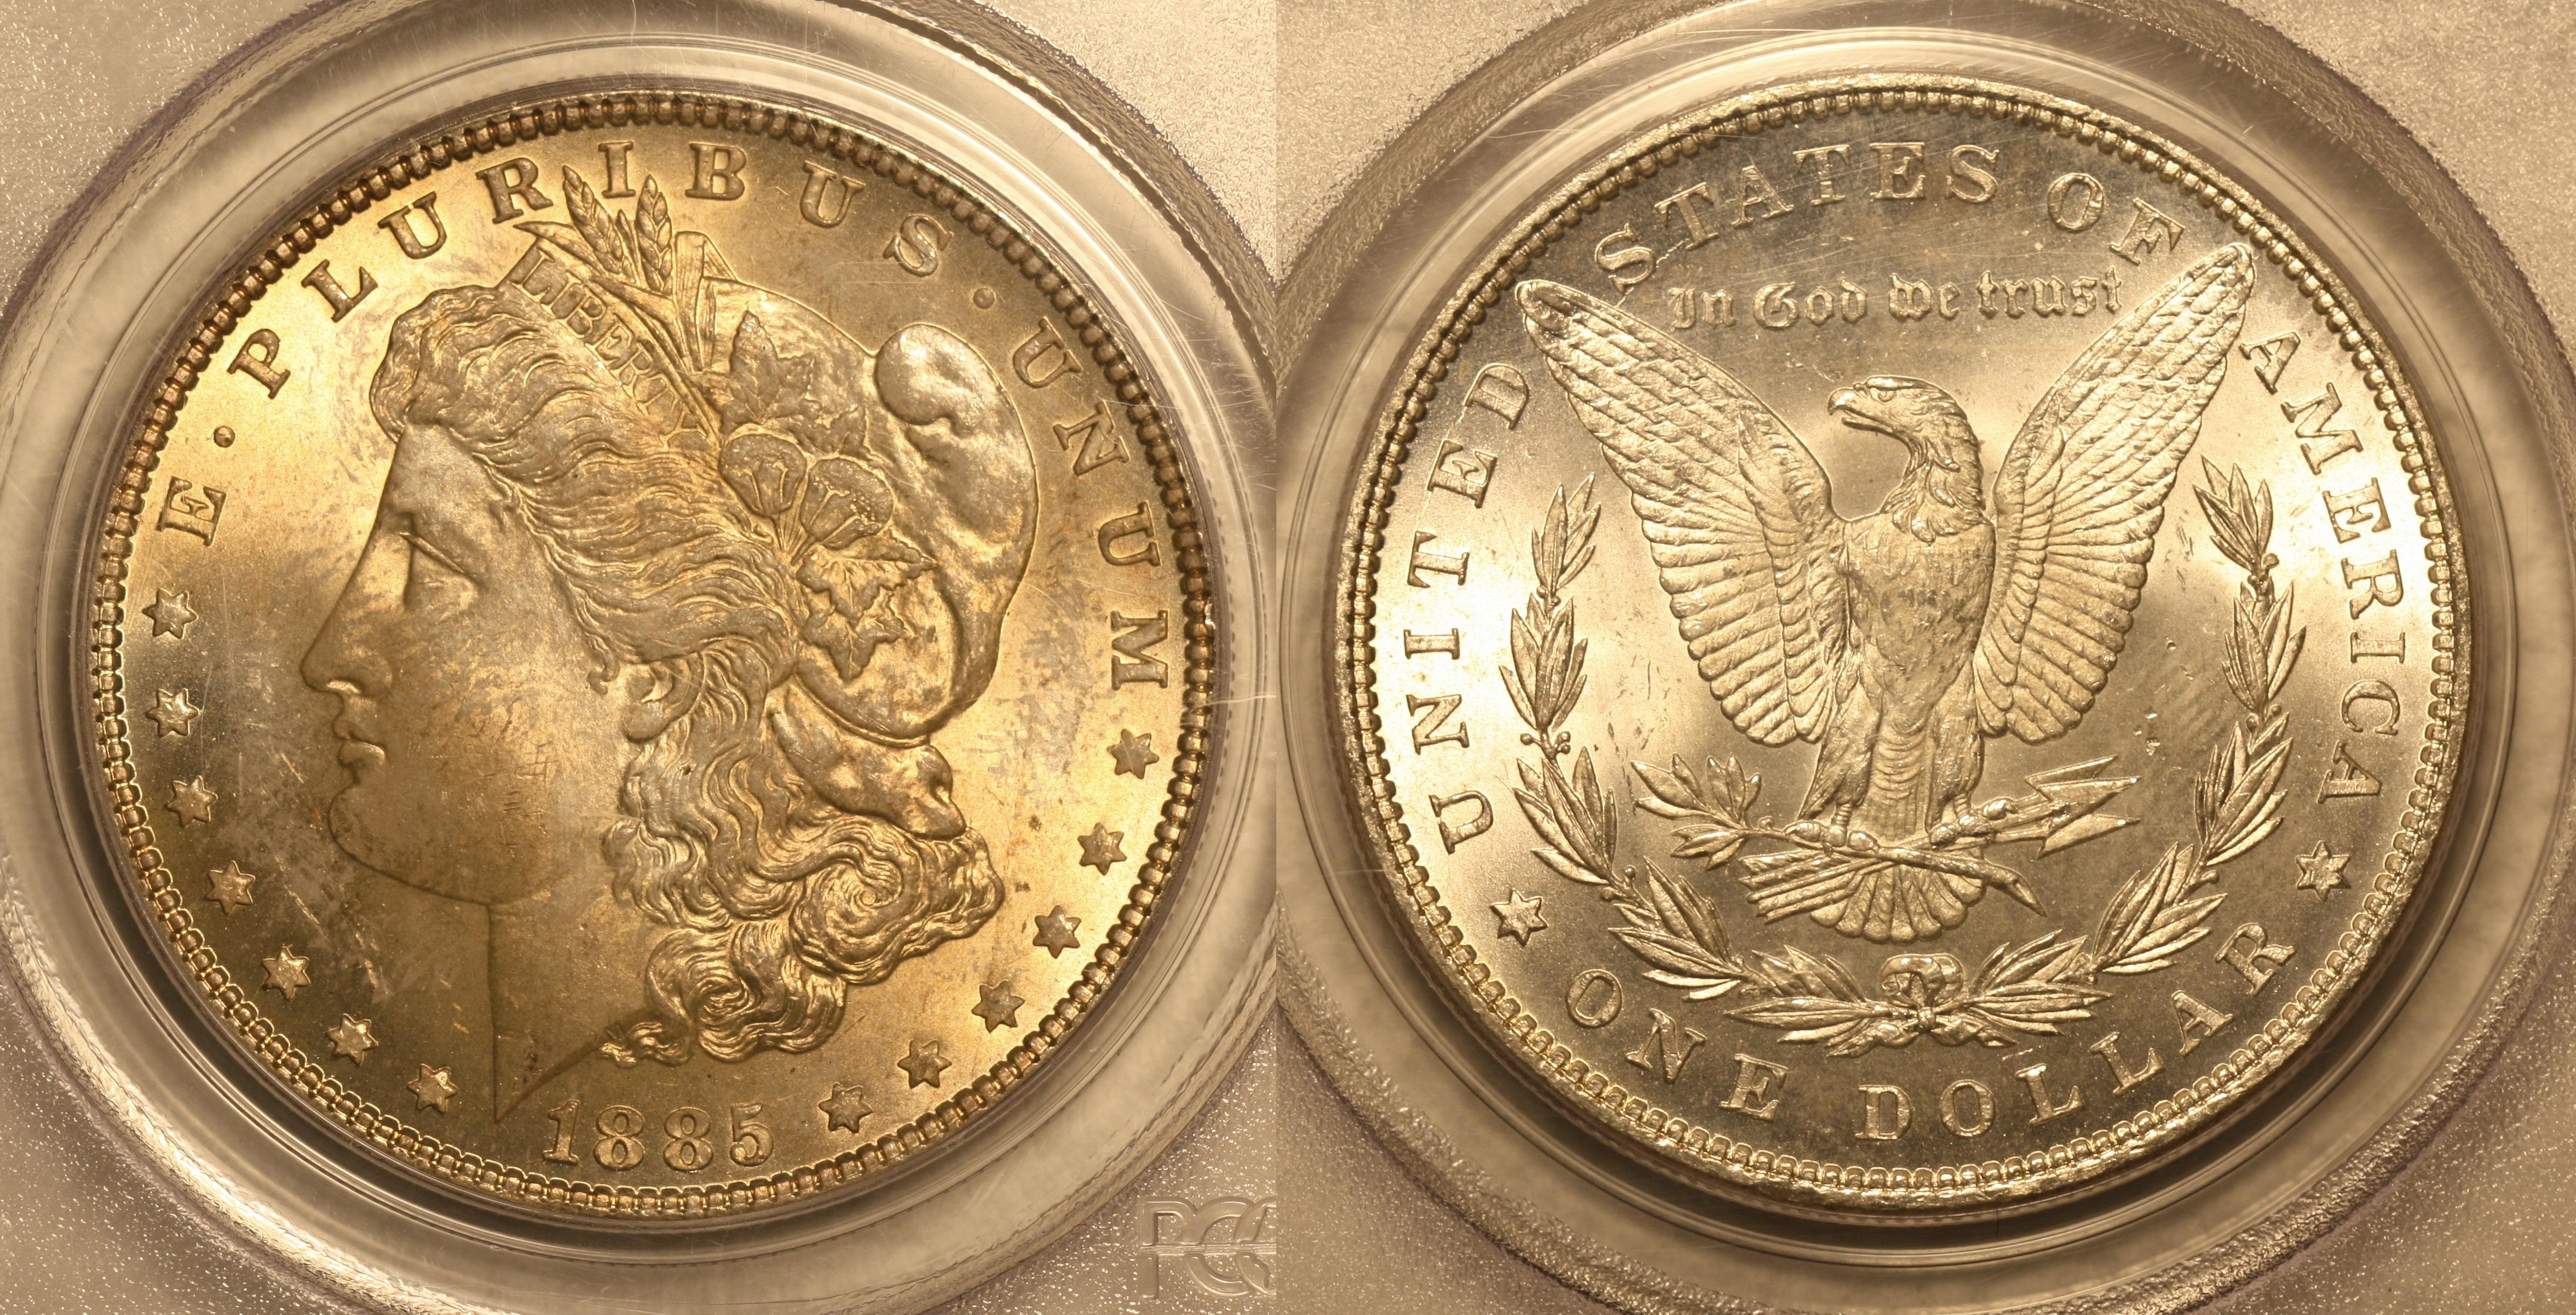 Alaska Coin Exchange Presents The 1885 Morgan Silver